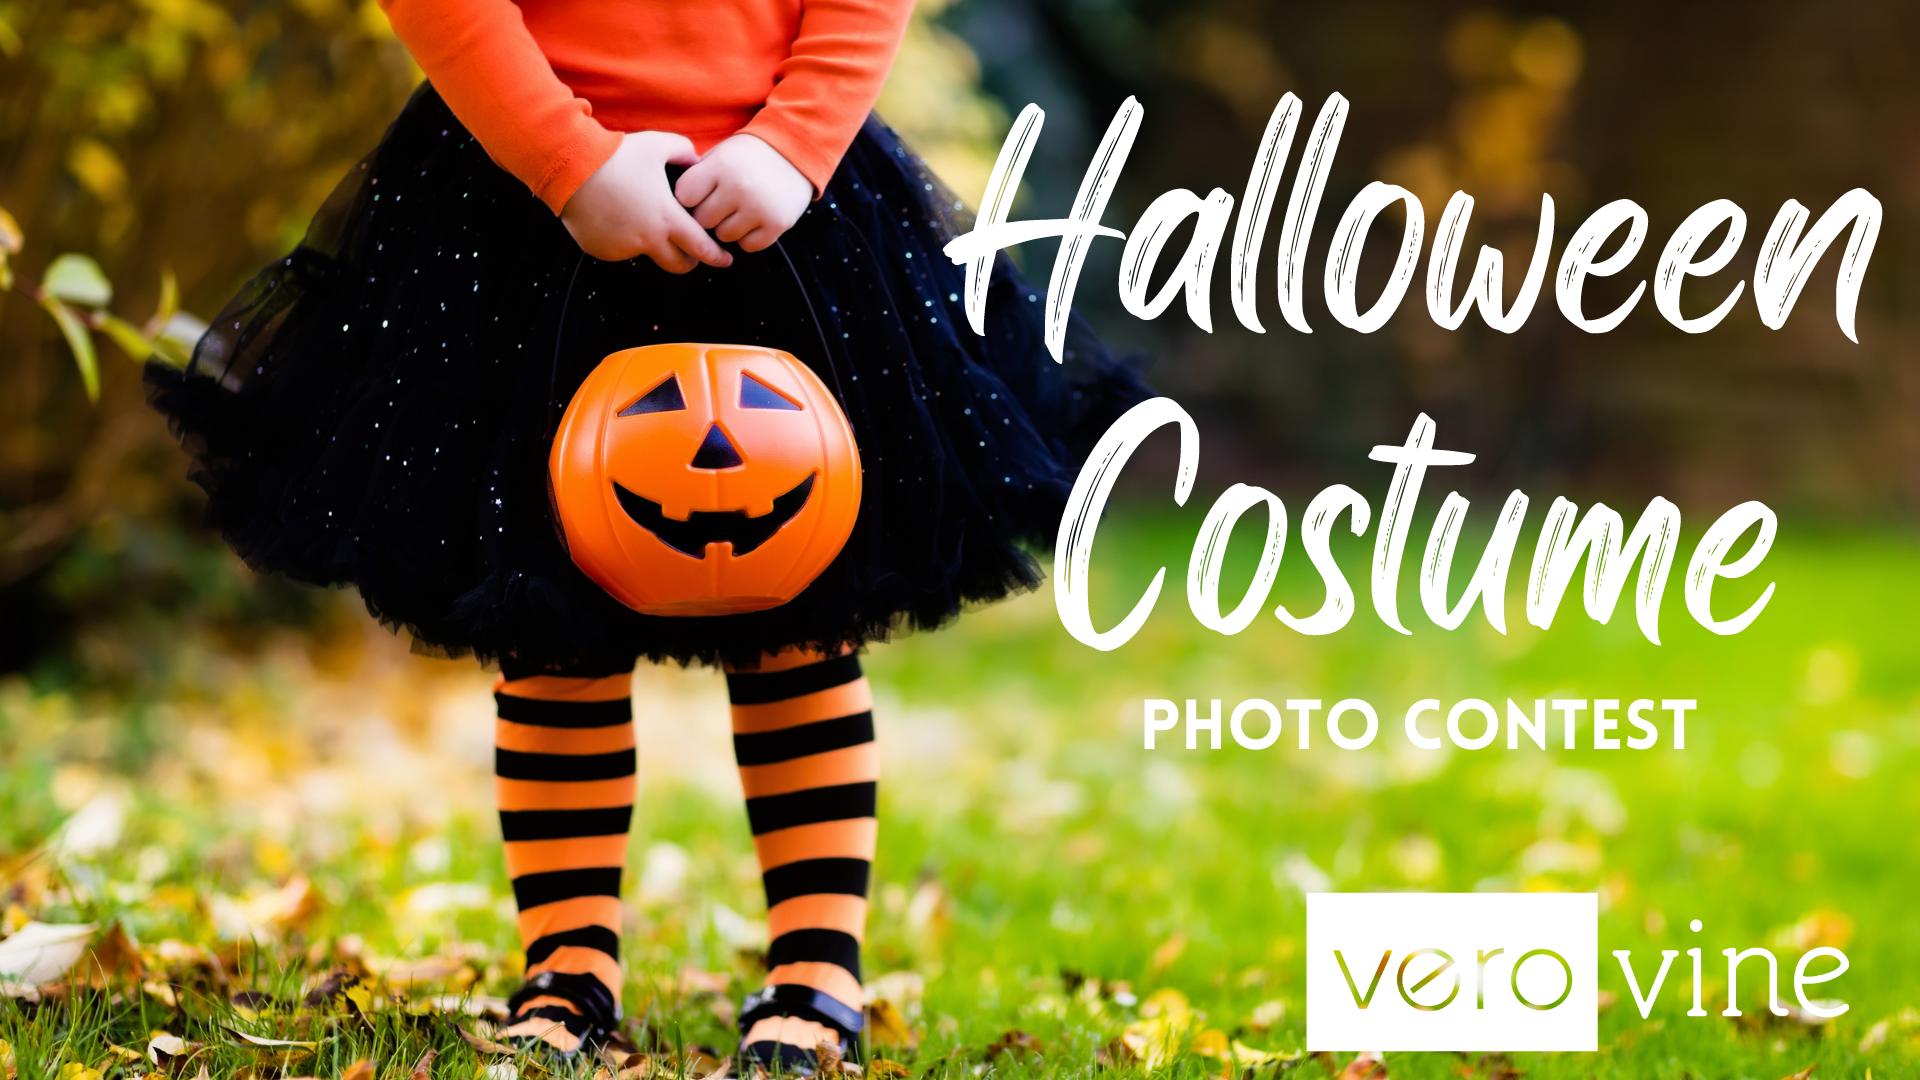 Halloween Costume Photo Contest 2021